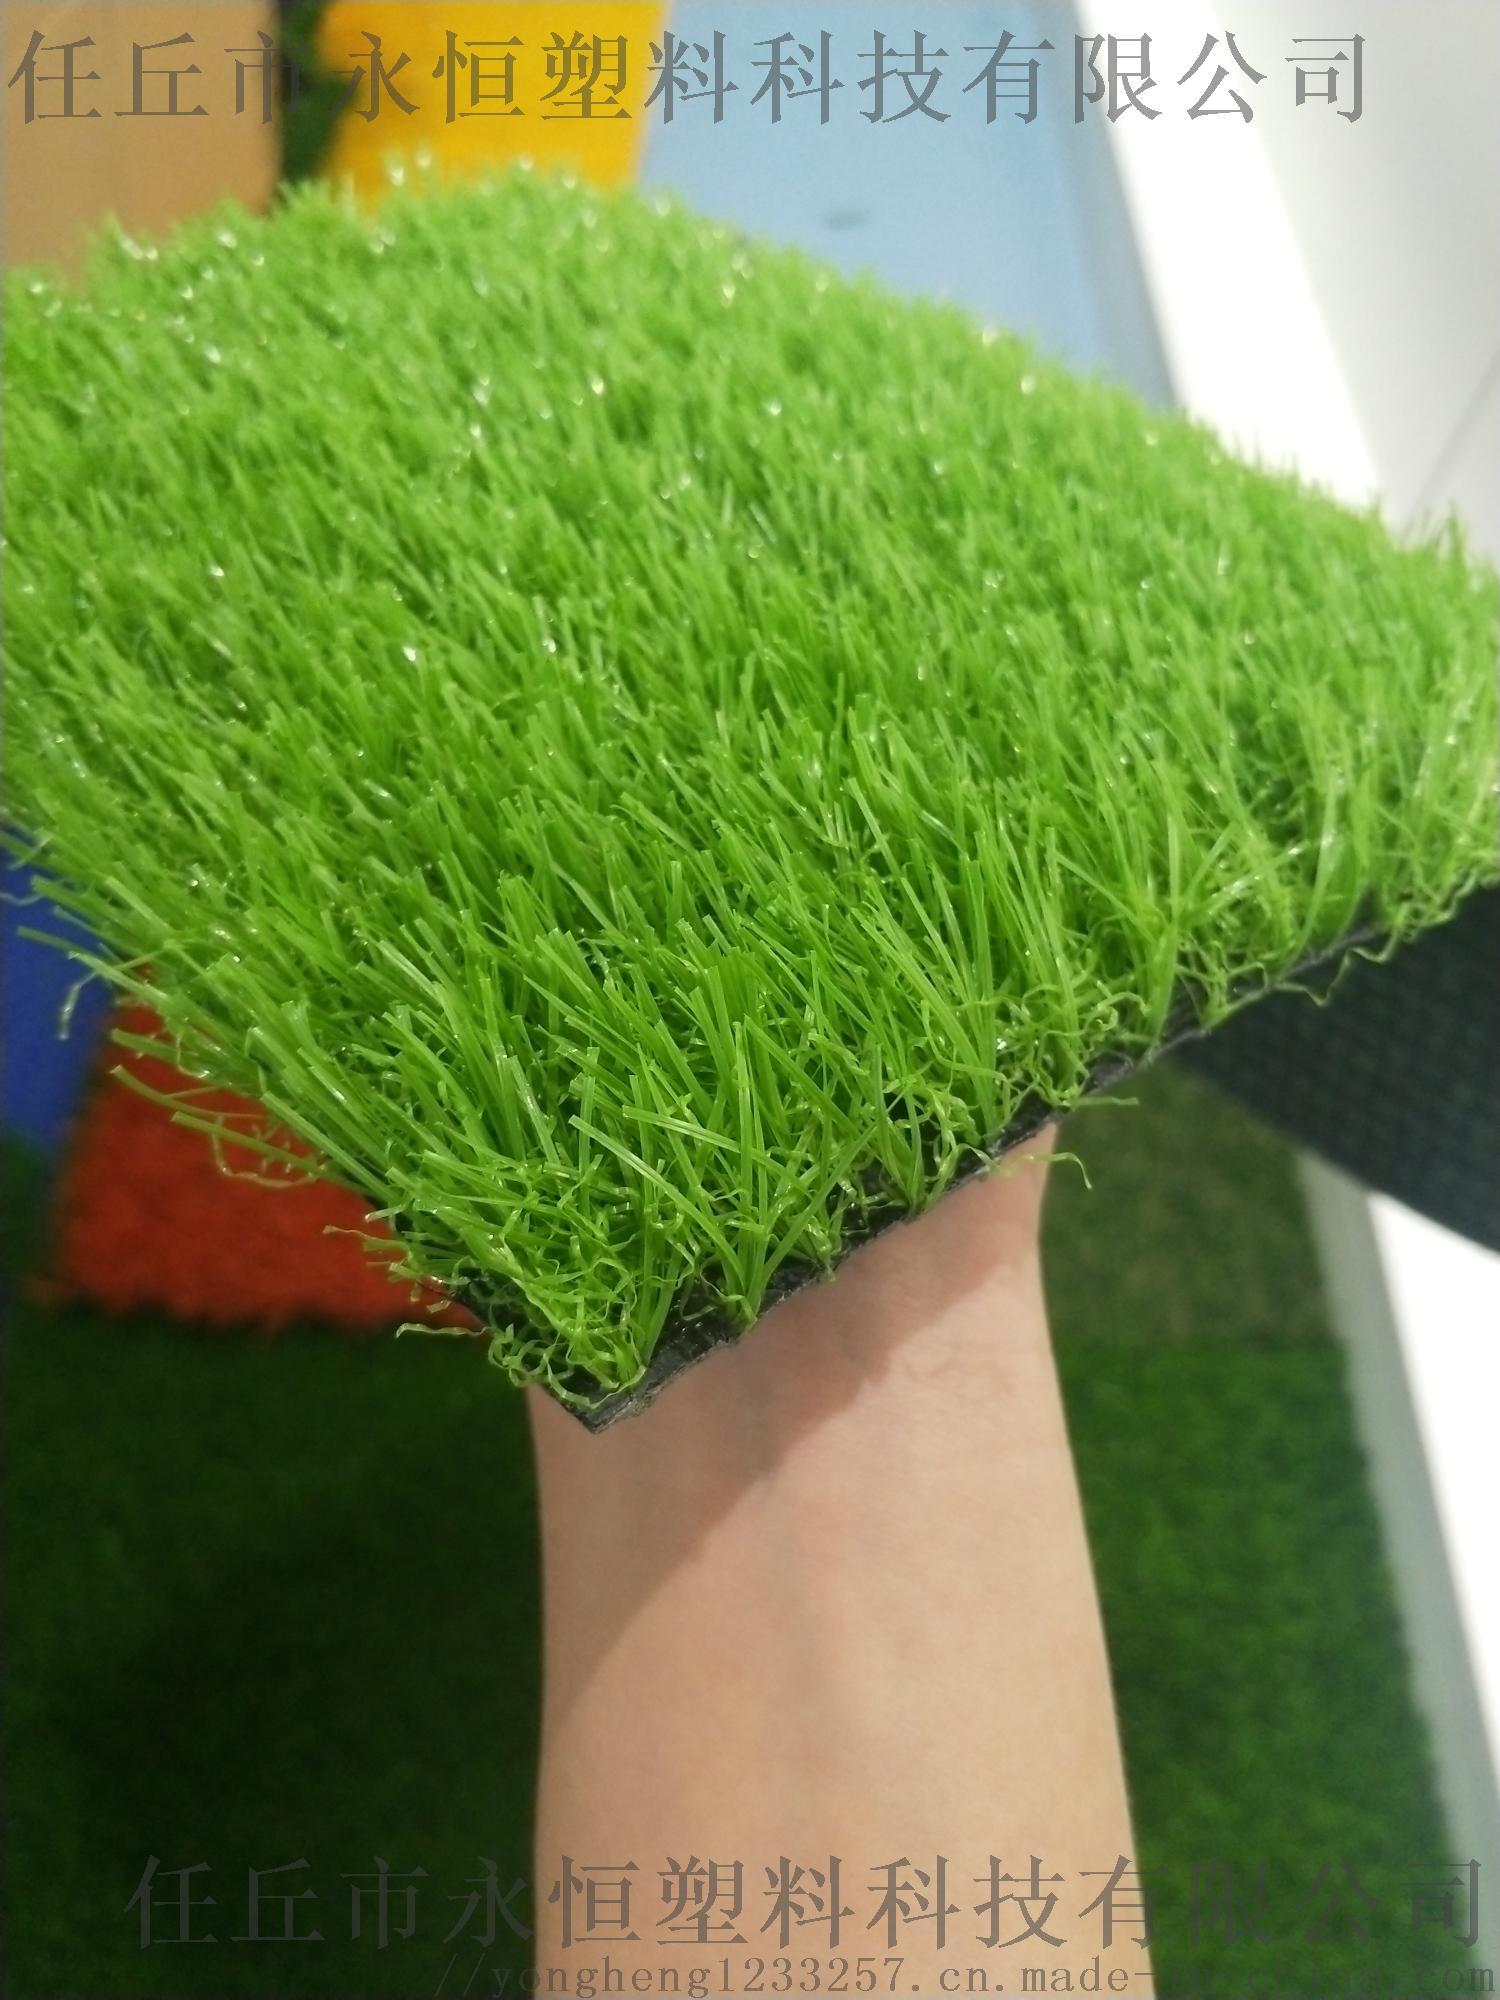 河北人造草坪厂家 塑料草坪厂家直销 仿真草皮763713962